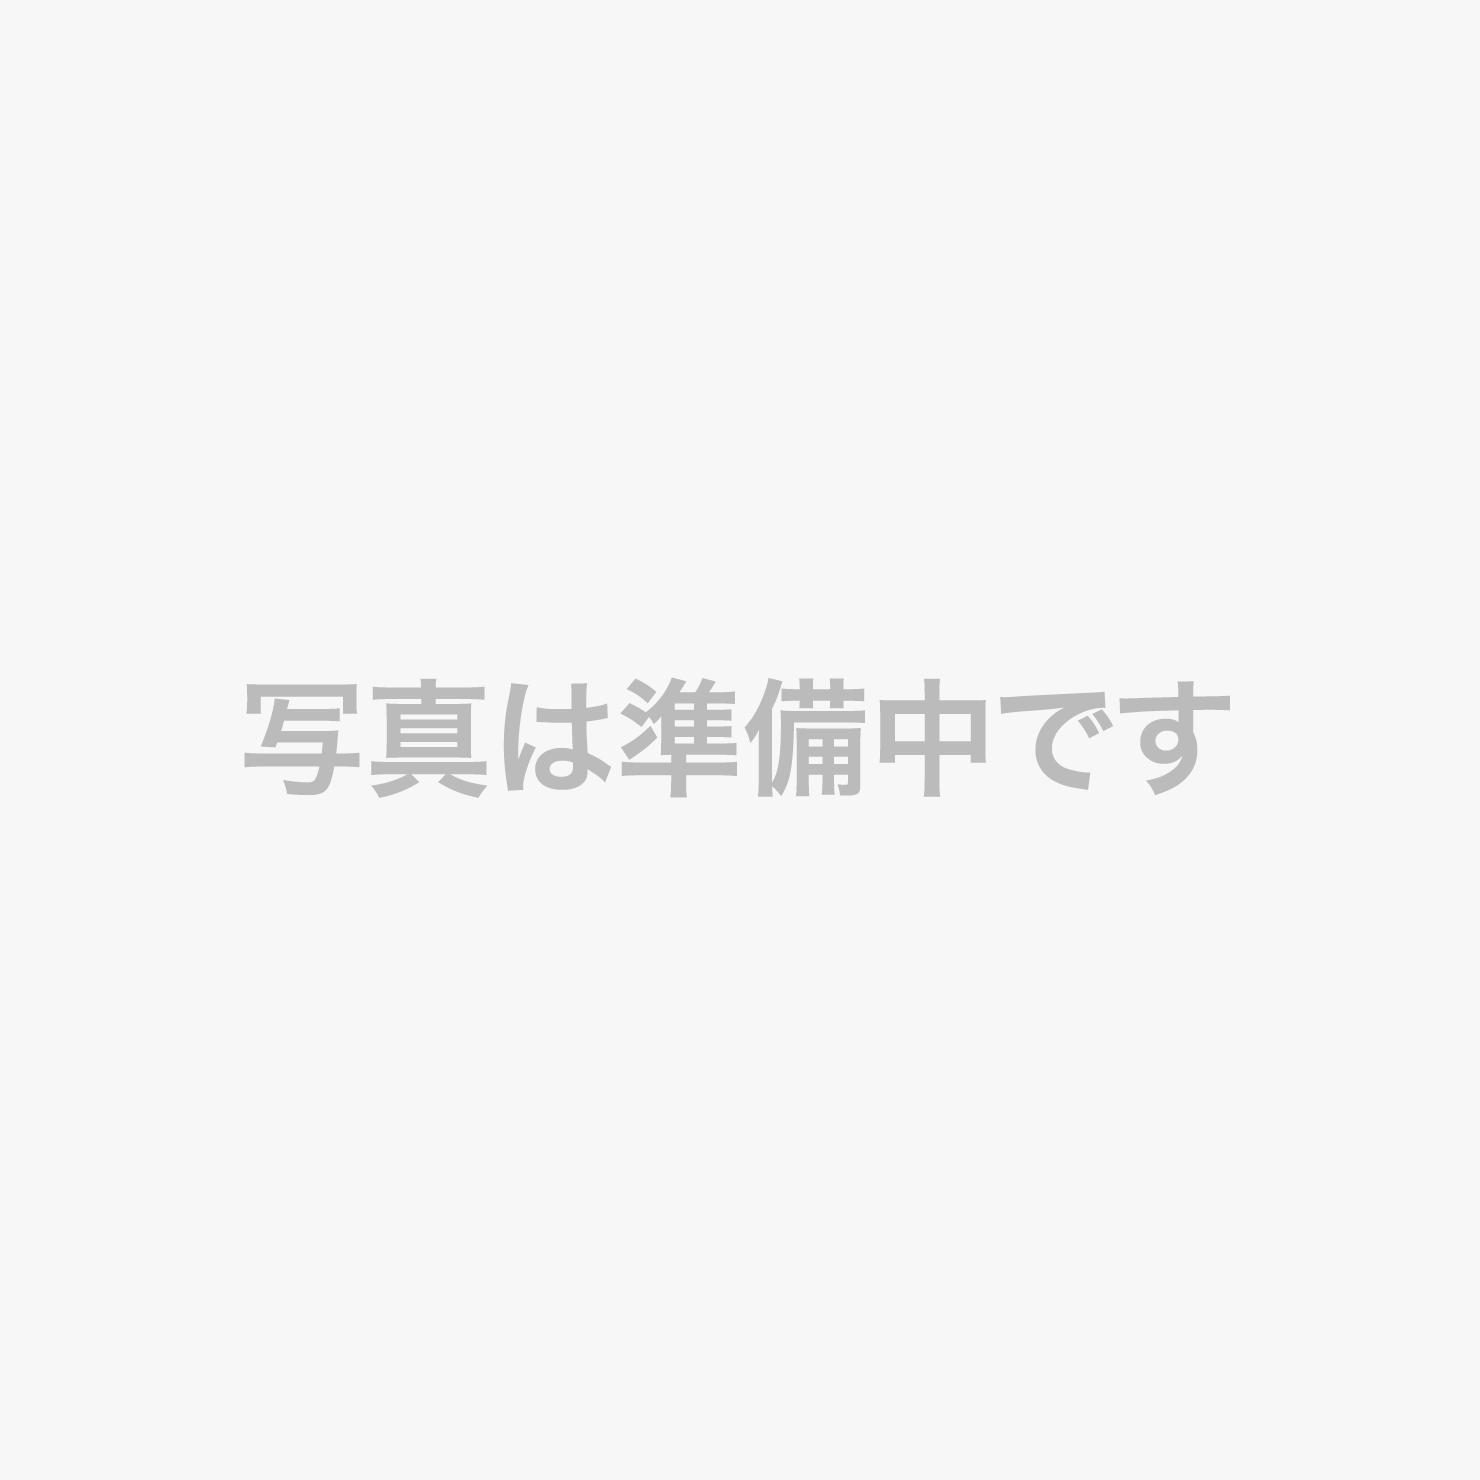 【夜景】*南東イメージ*和歌山方面を見た夜景。神戸の街並みが一望でき、昼と夜で違った雰囲気を味わえます。景色を楽しみながら、ルームサービスを取ってゆっくりとお部屋でお食事を楽しむのもオススメ。